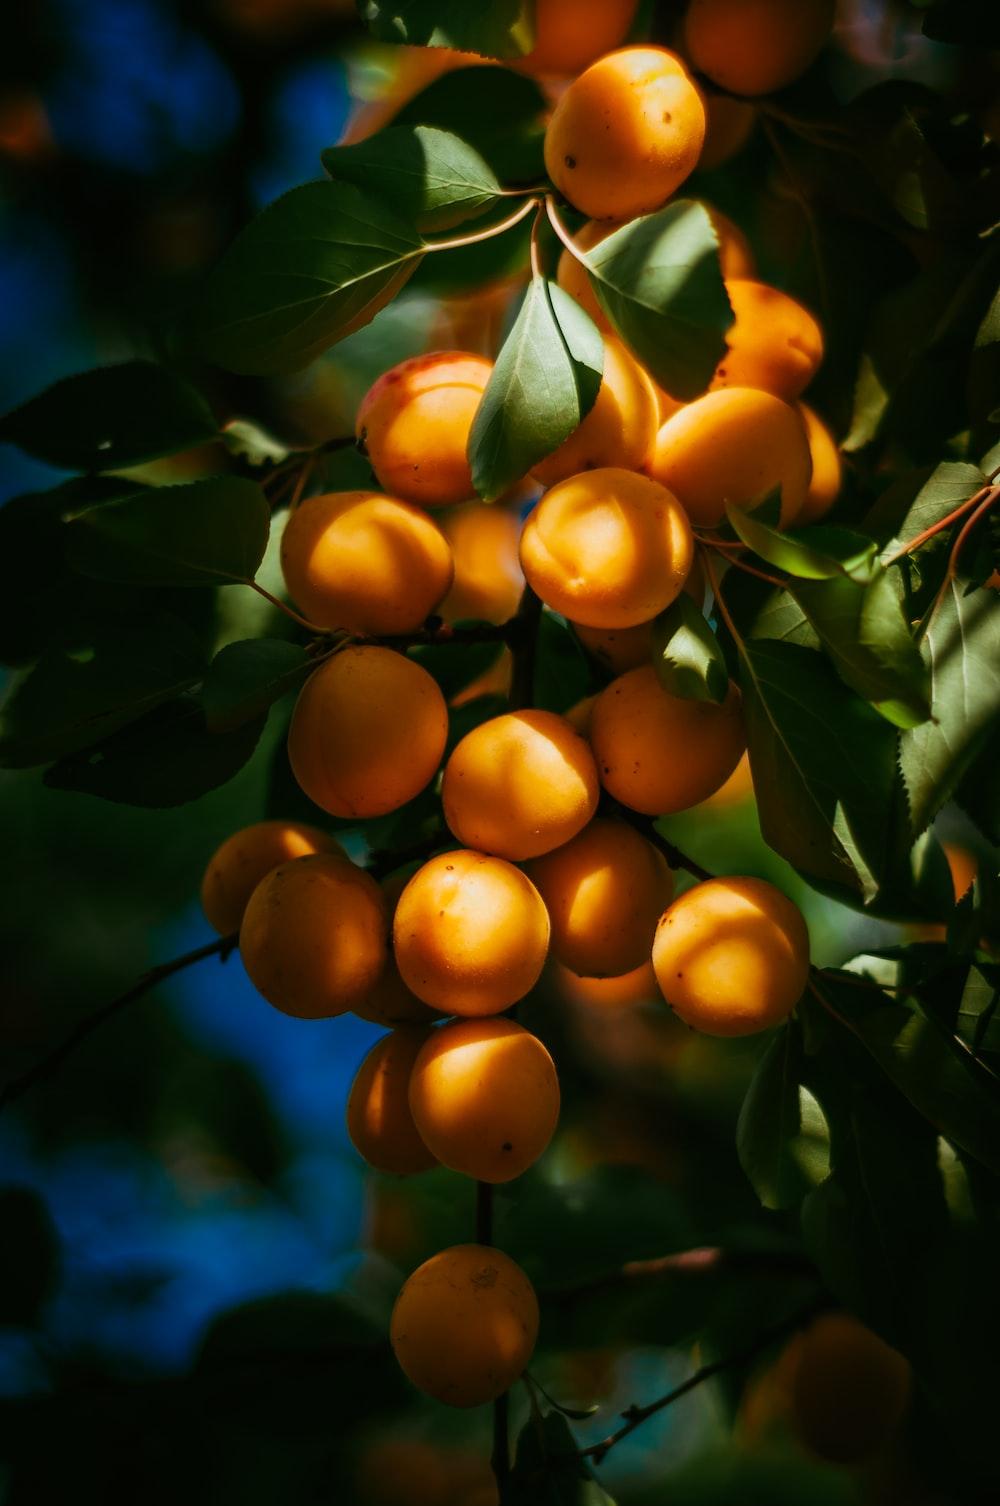 photo of orange fruits